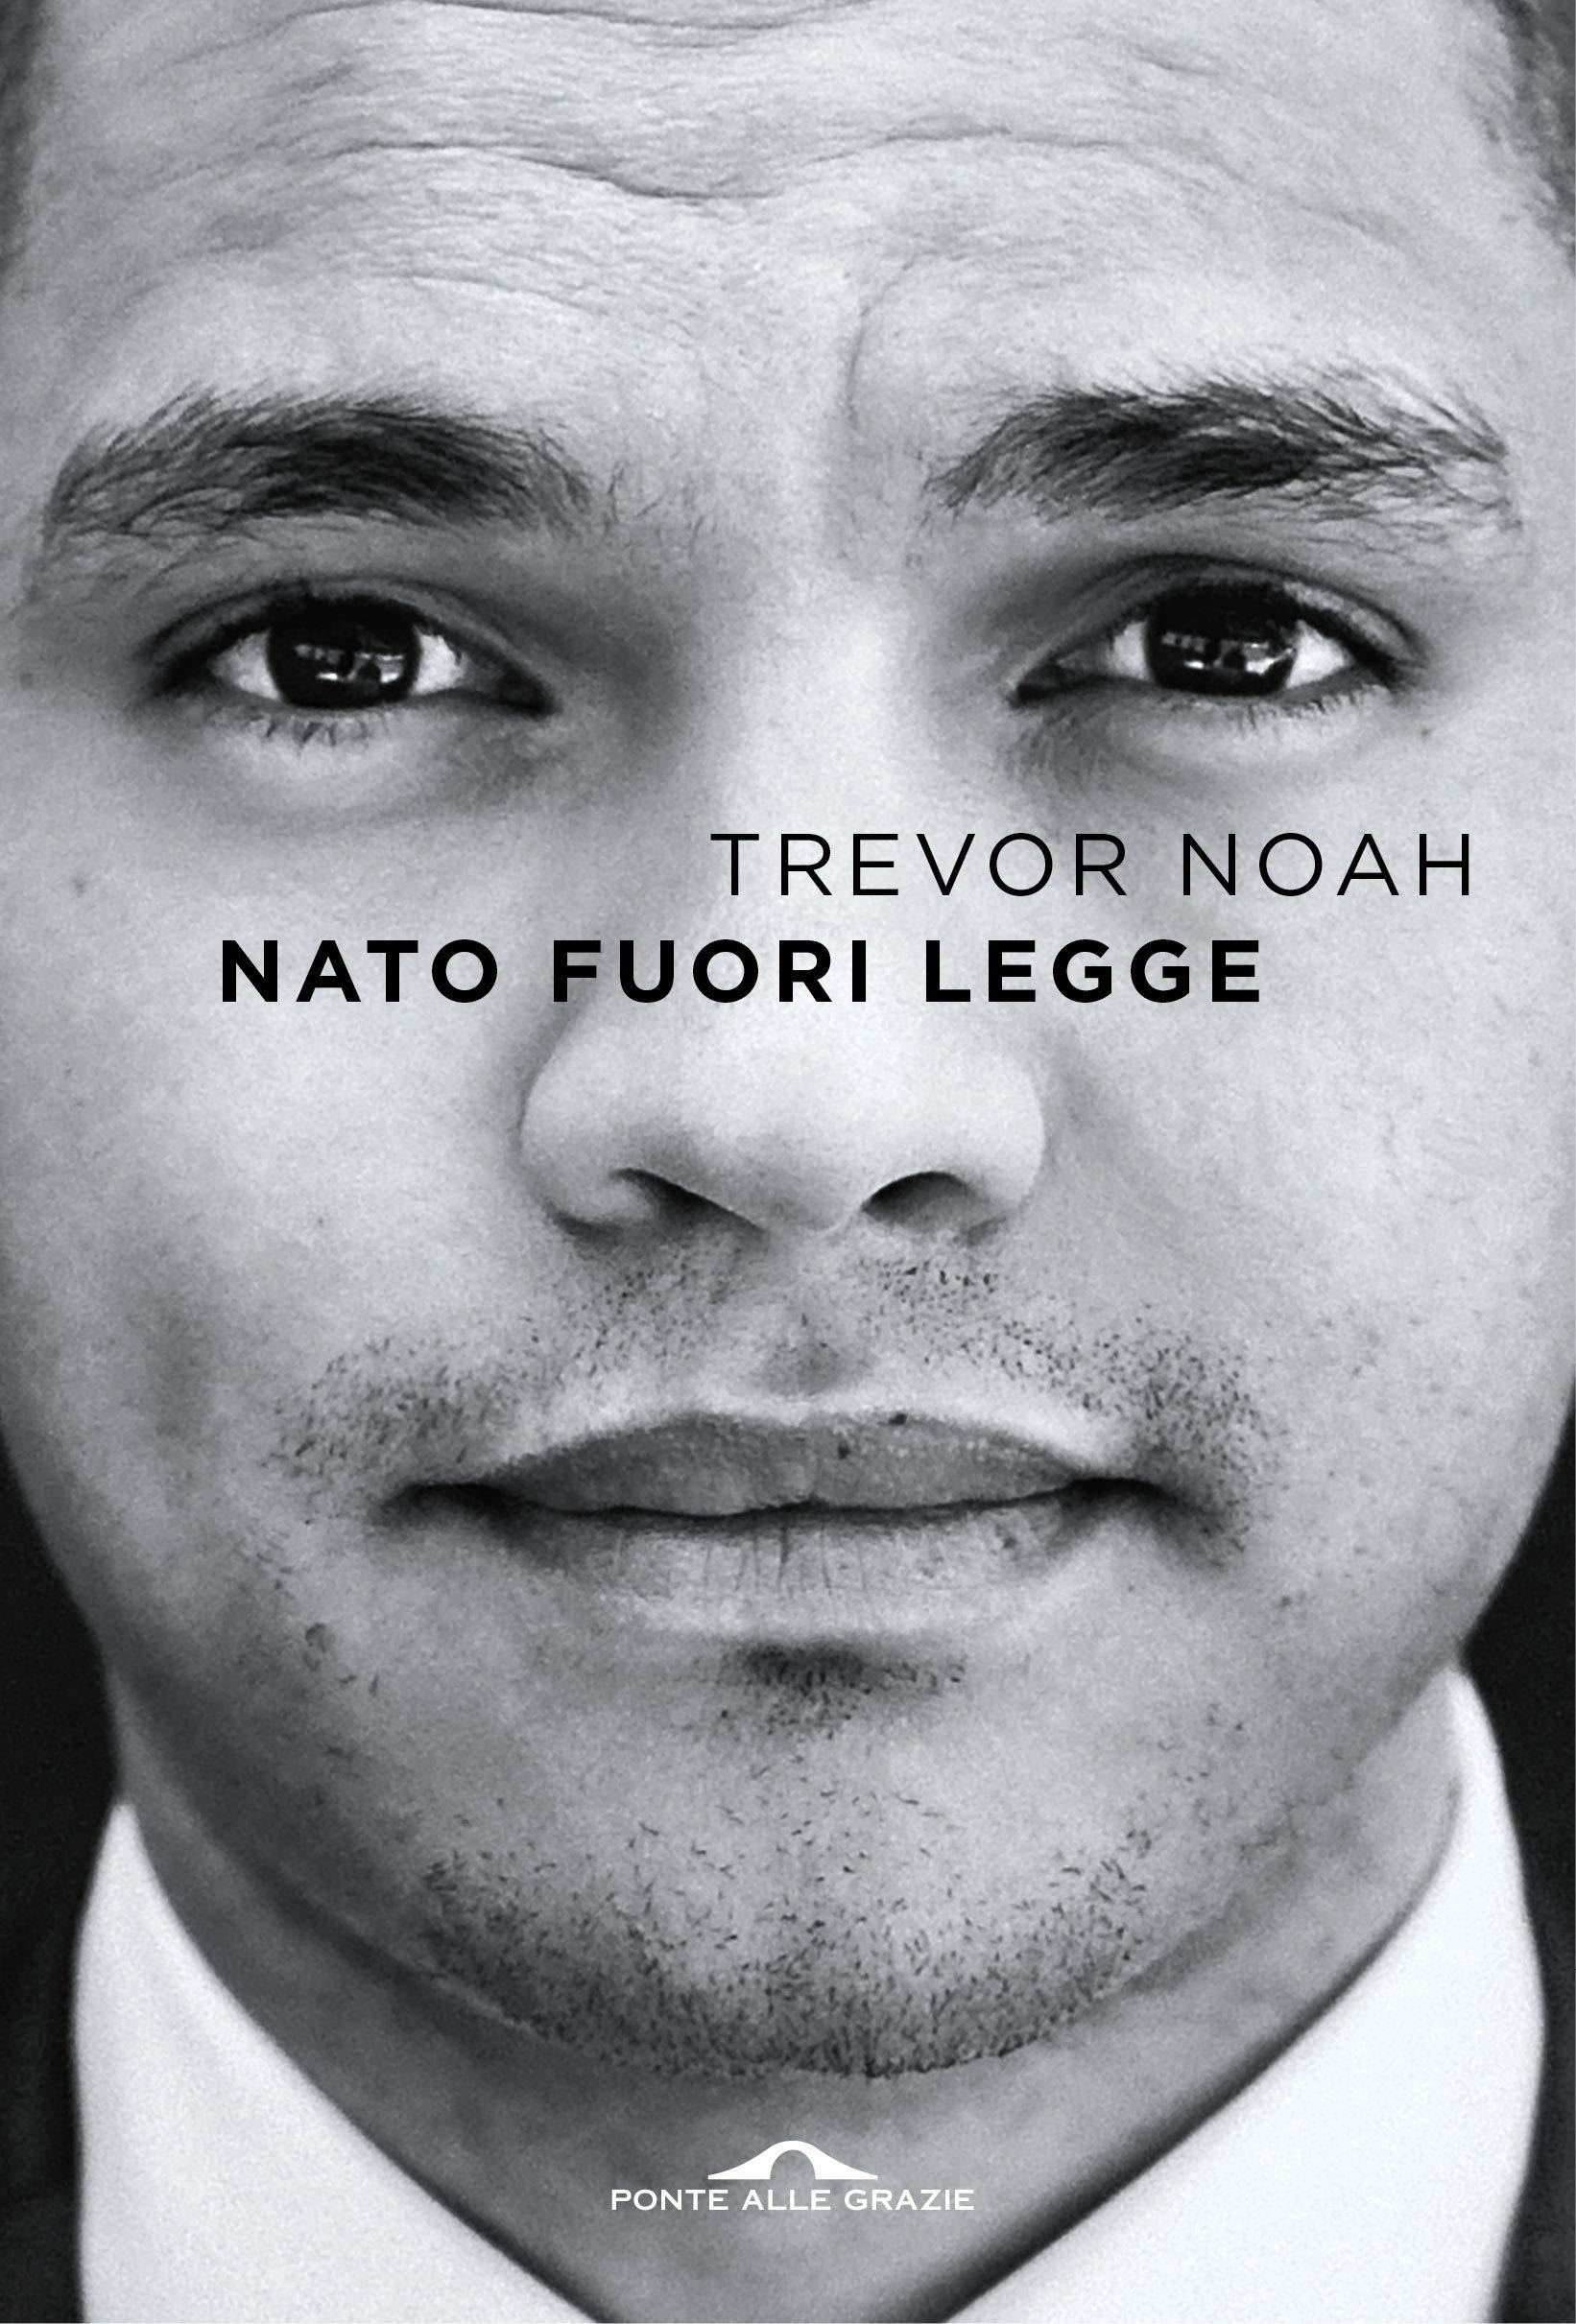 Grandi romanzi ambientati in Africa nato fori legge trevor noah